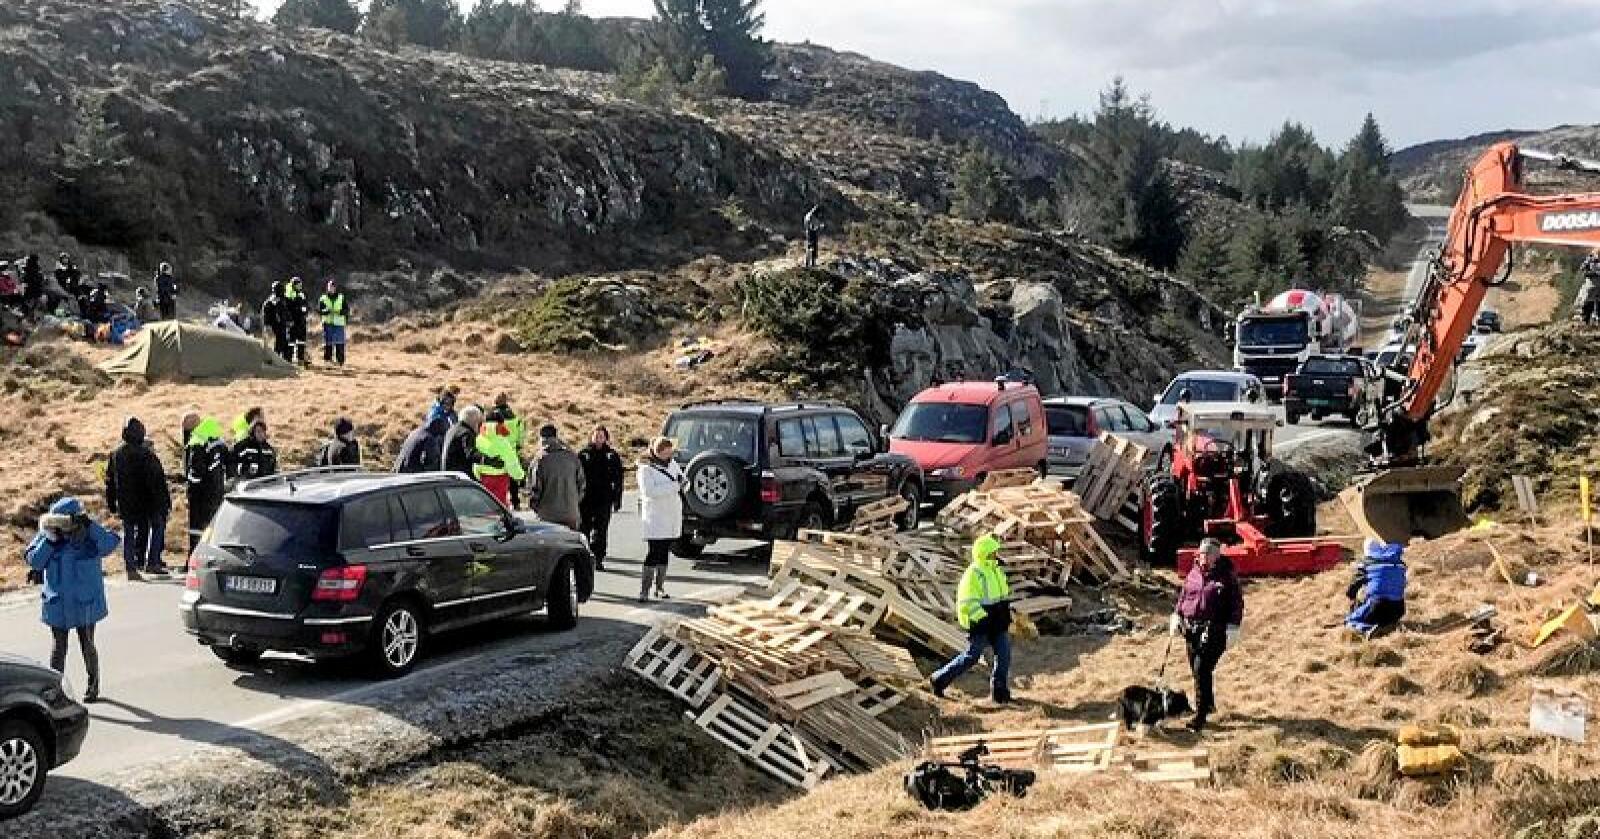 Mot vindmøller: Demonstranter på Frøya forsøker å hindre anleggstrafikk i å kjøre forbi. Foto: Ronny Teigås / NTB scanpix.